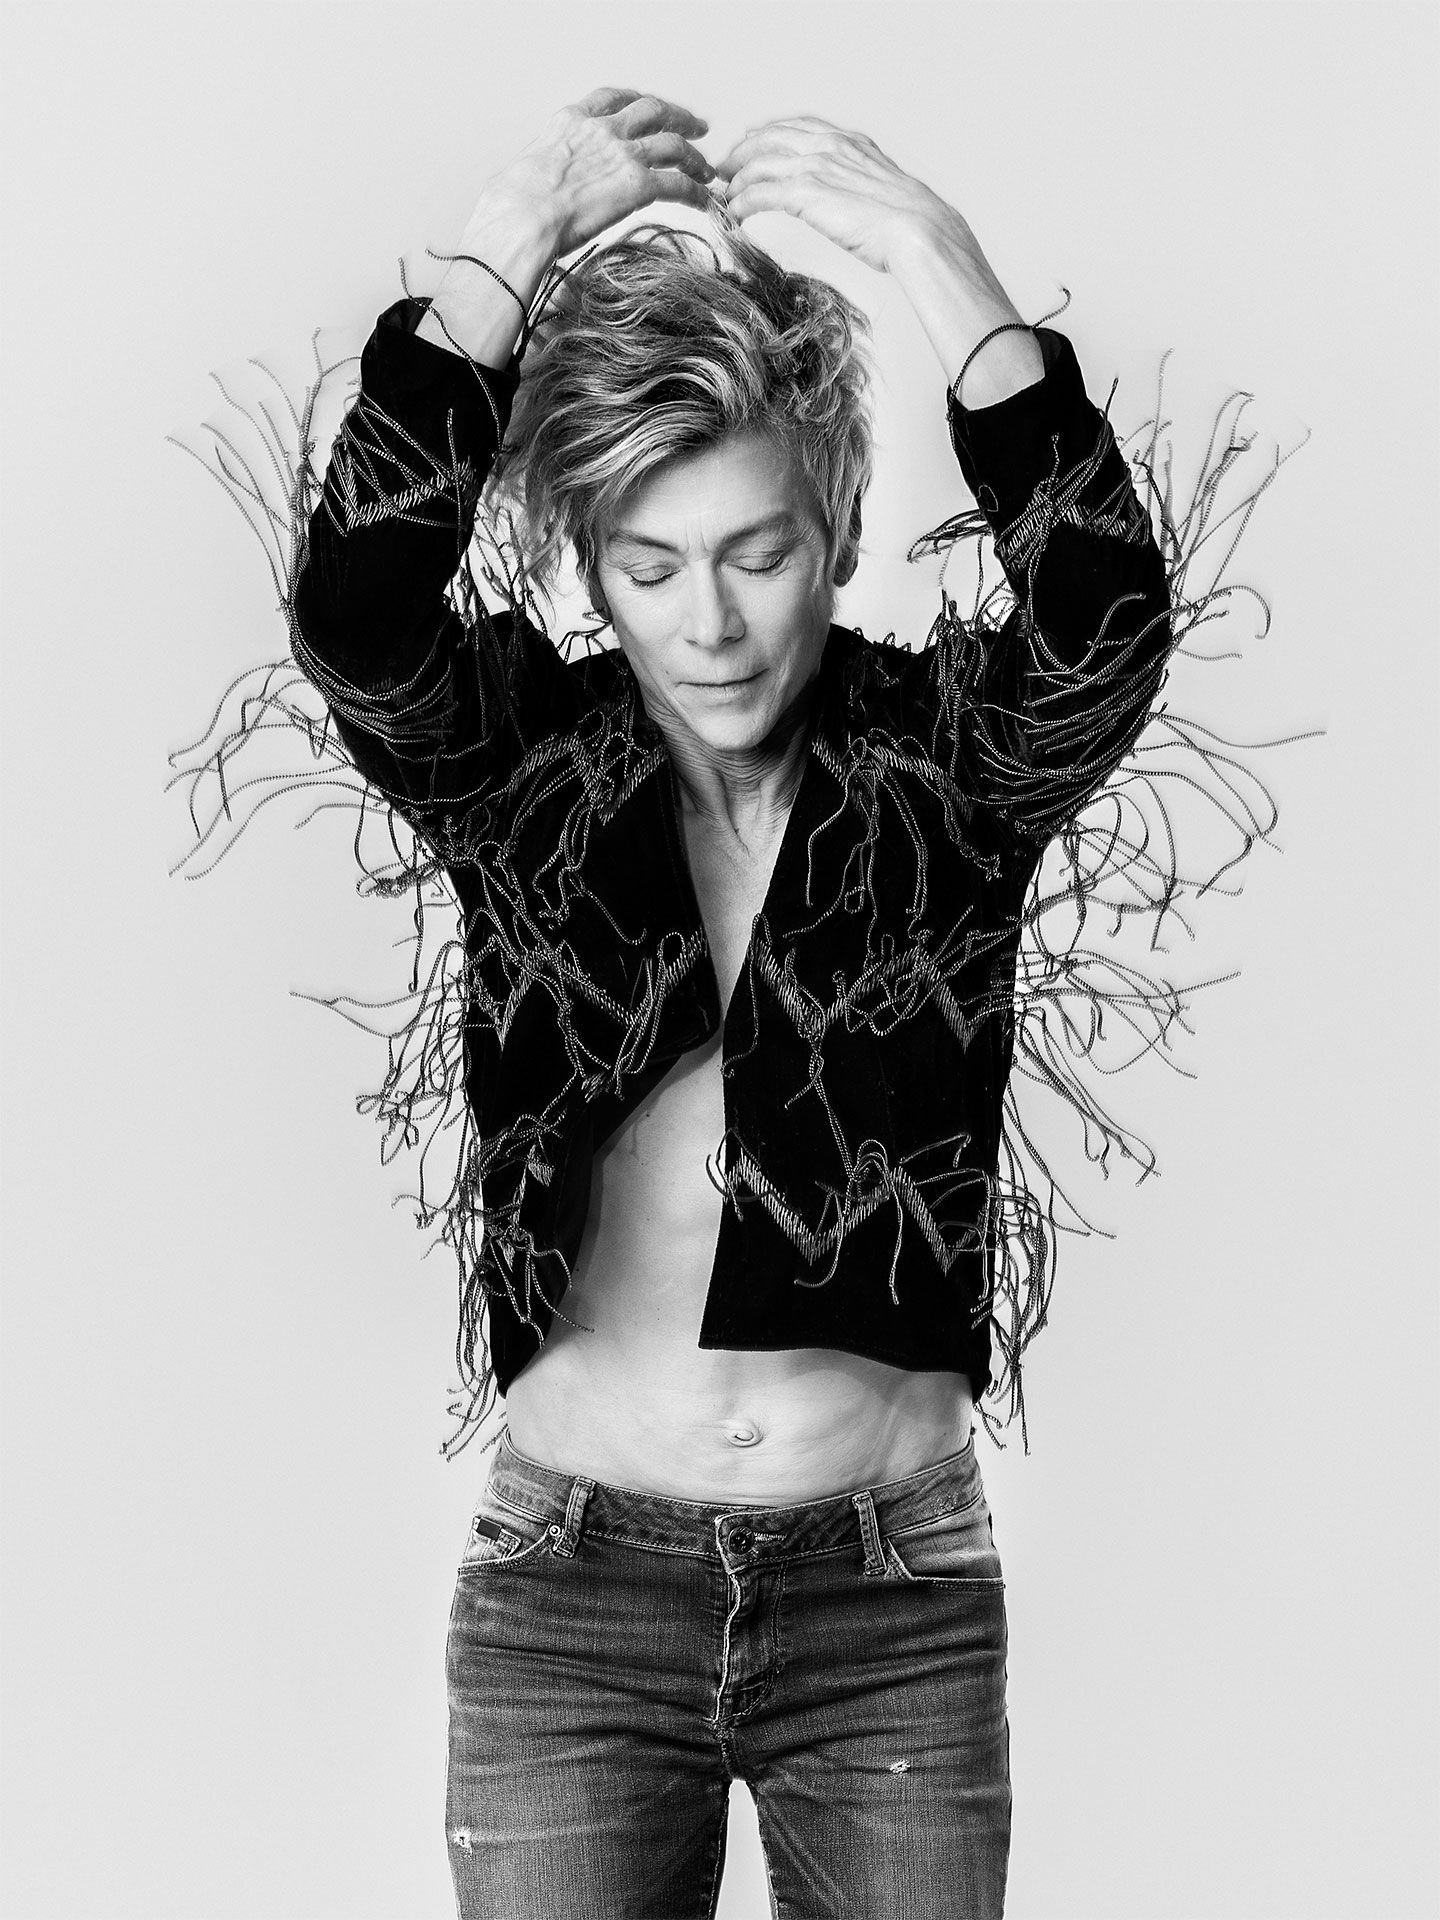 Image en noir et blanc de Louise Lecavalier en mouvement, les bras levés, portant une veste à glands.